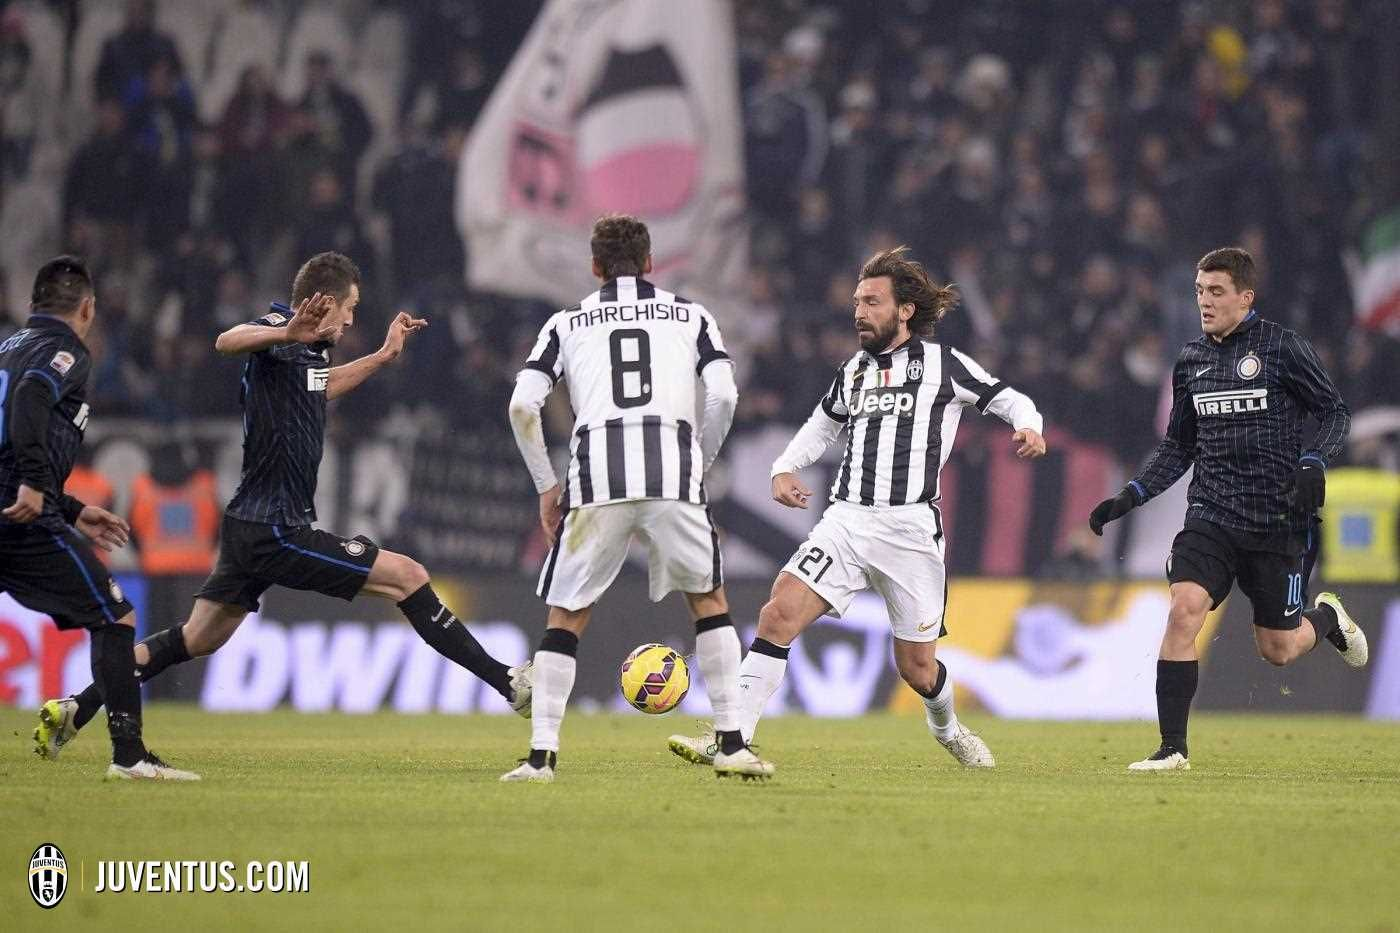 Serie A TIM Juventus 1-1 Inter - Juventus.com